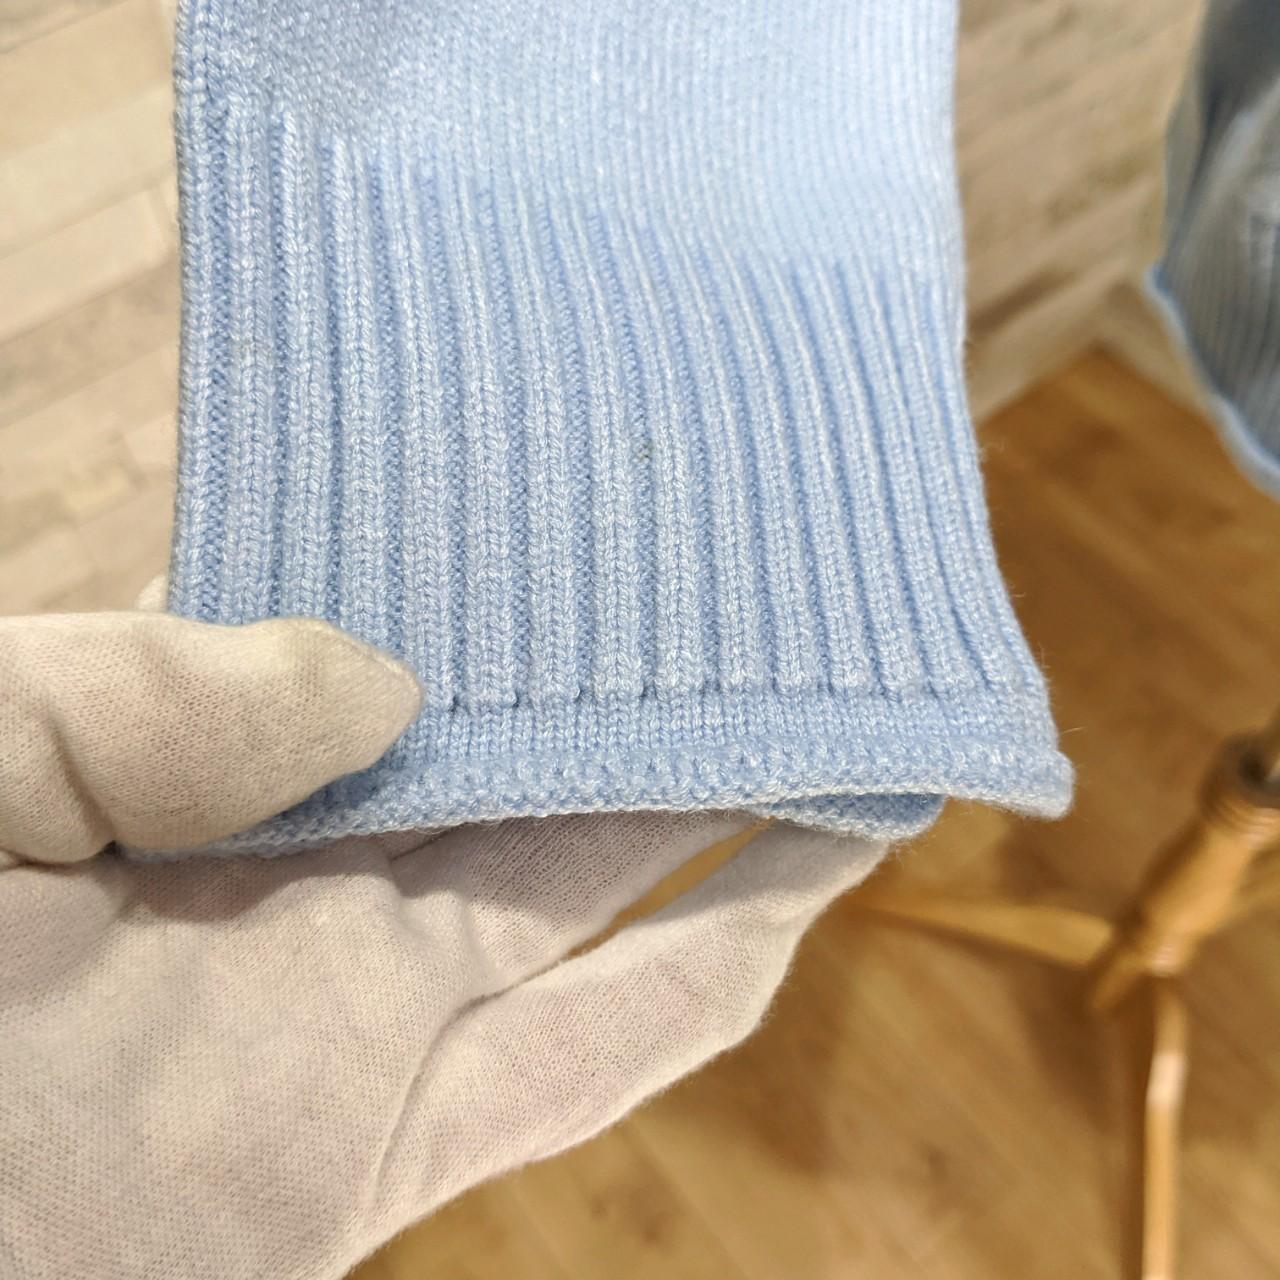 【即納】韓国 ファッション トップス ニット セーター 秋 冬 カジュアル SPTXG949  ハイネック ビッグシルエット リブ 体型カバー オルチャン シンプル 定番 セレカジの写真8枚目